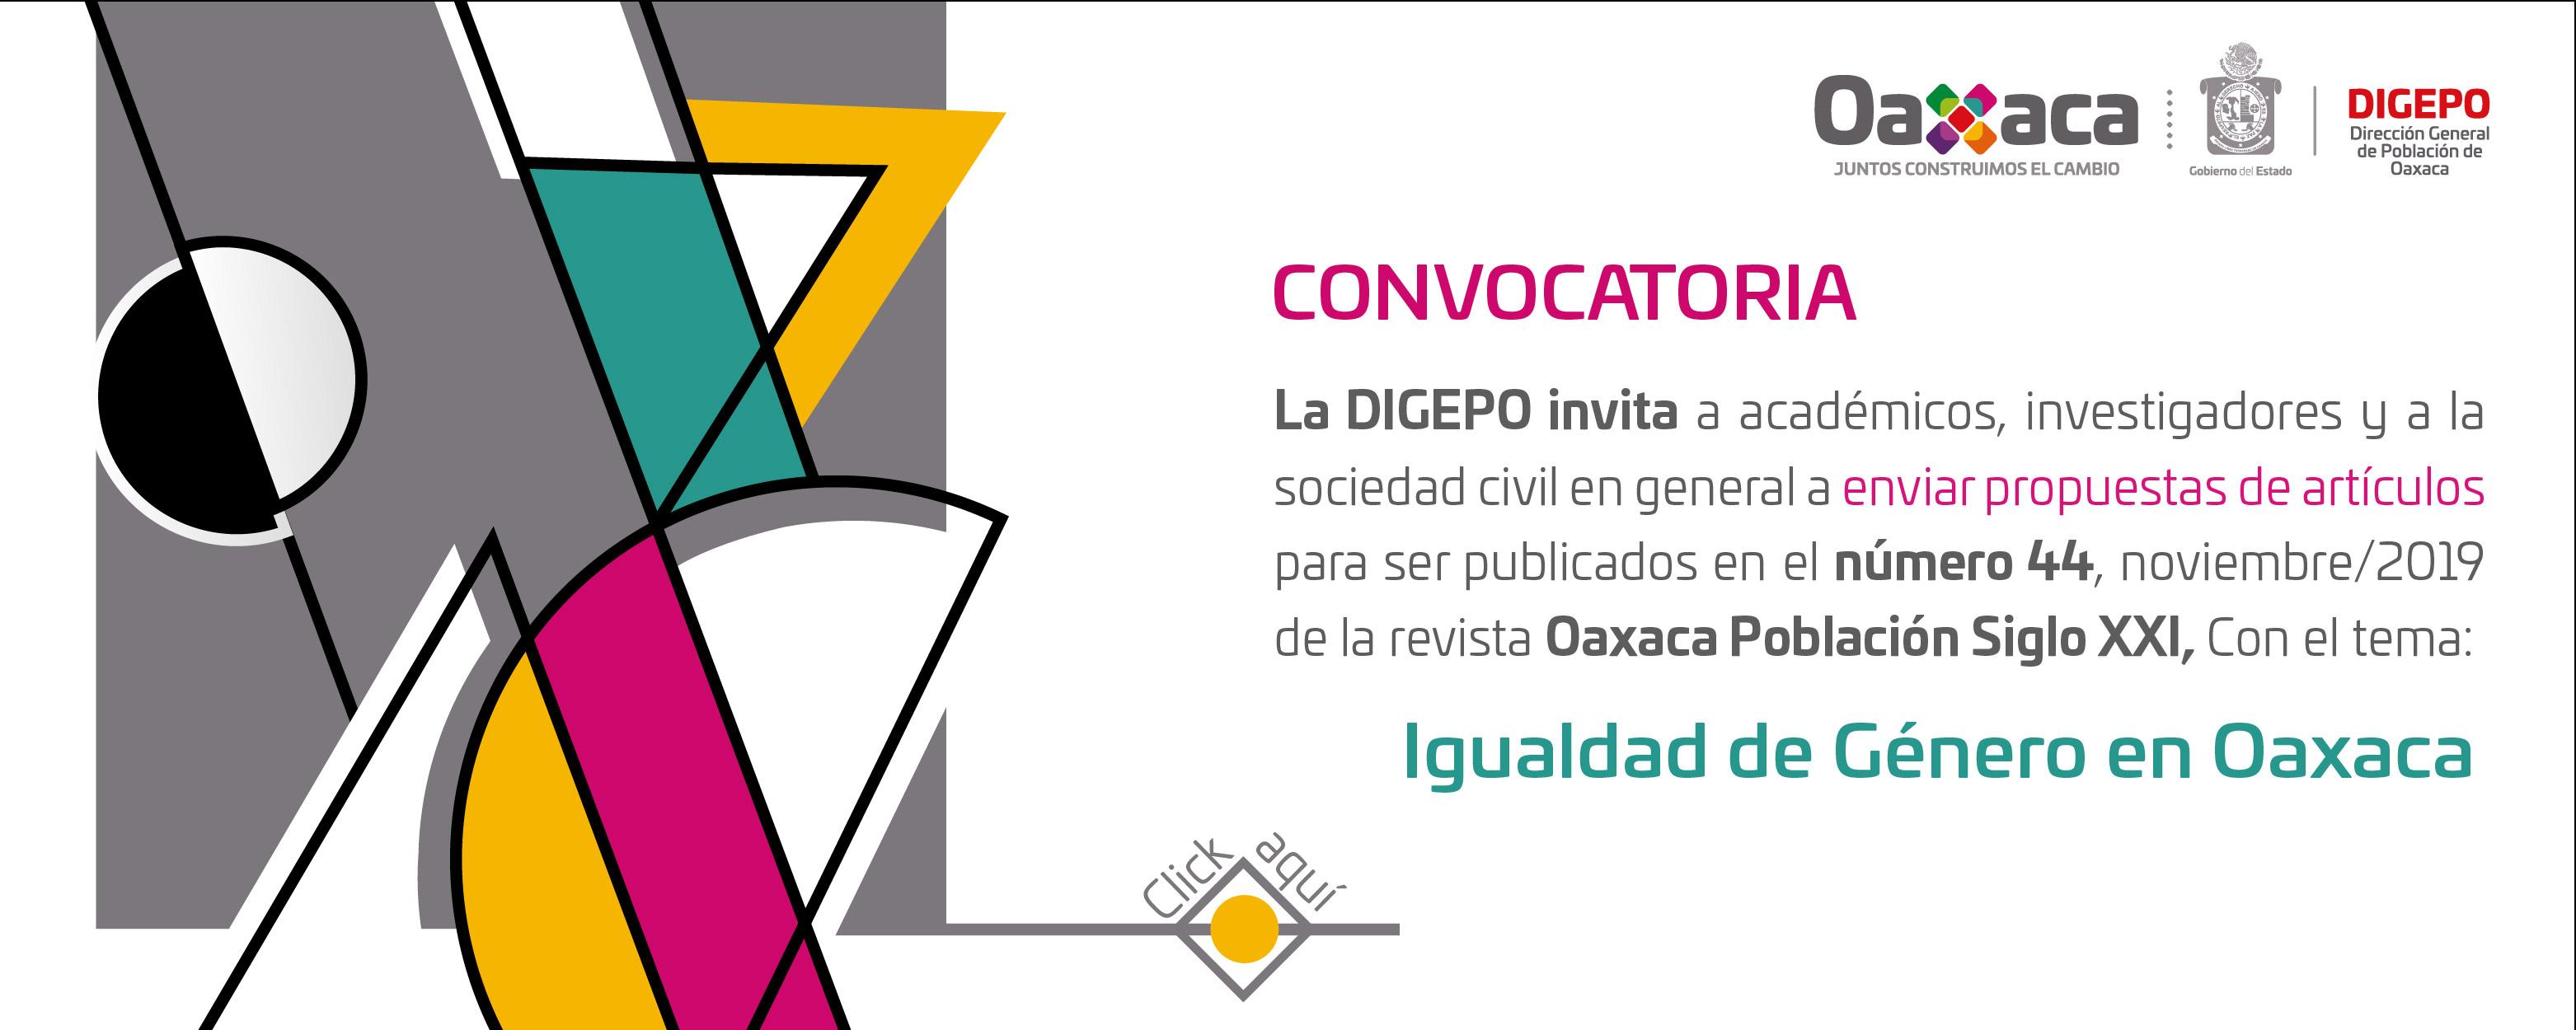 """Convocatoria para registro de artículos de nuestra revista """"Oaxaca Población Siglo XXI"""""""